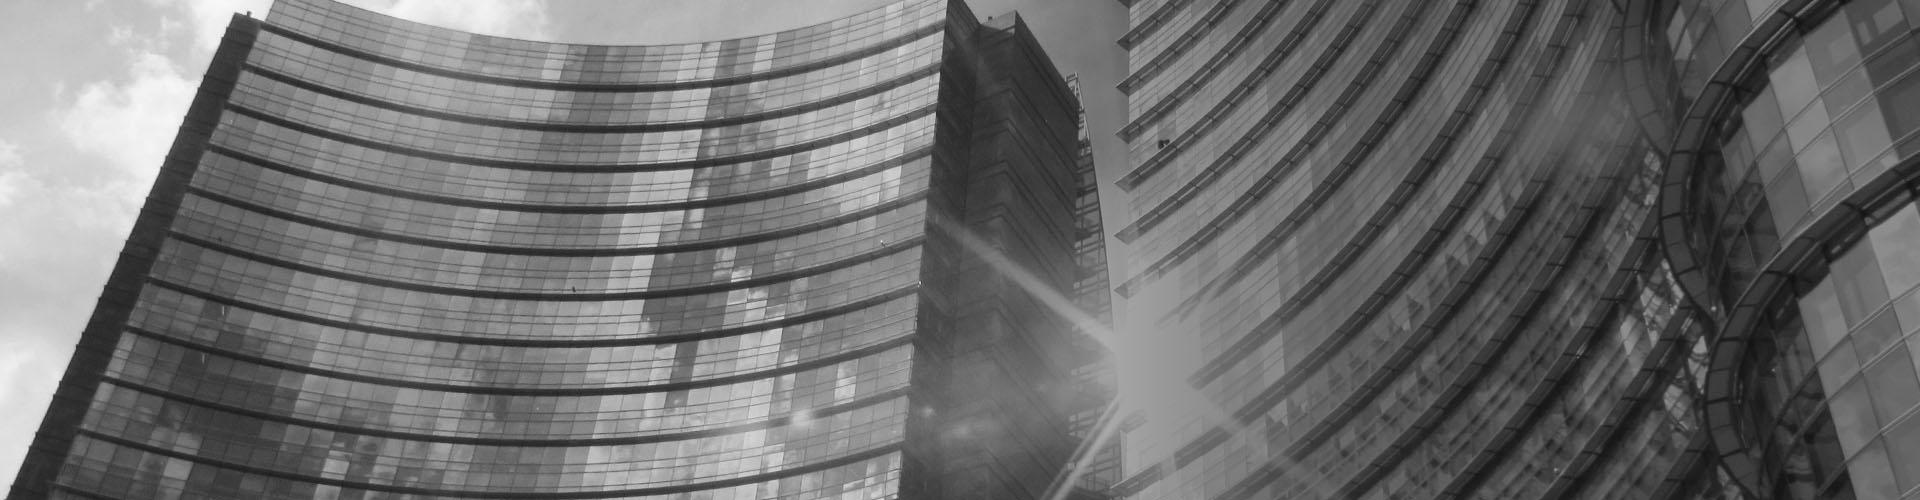 buildings_slider